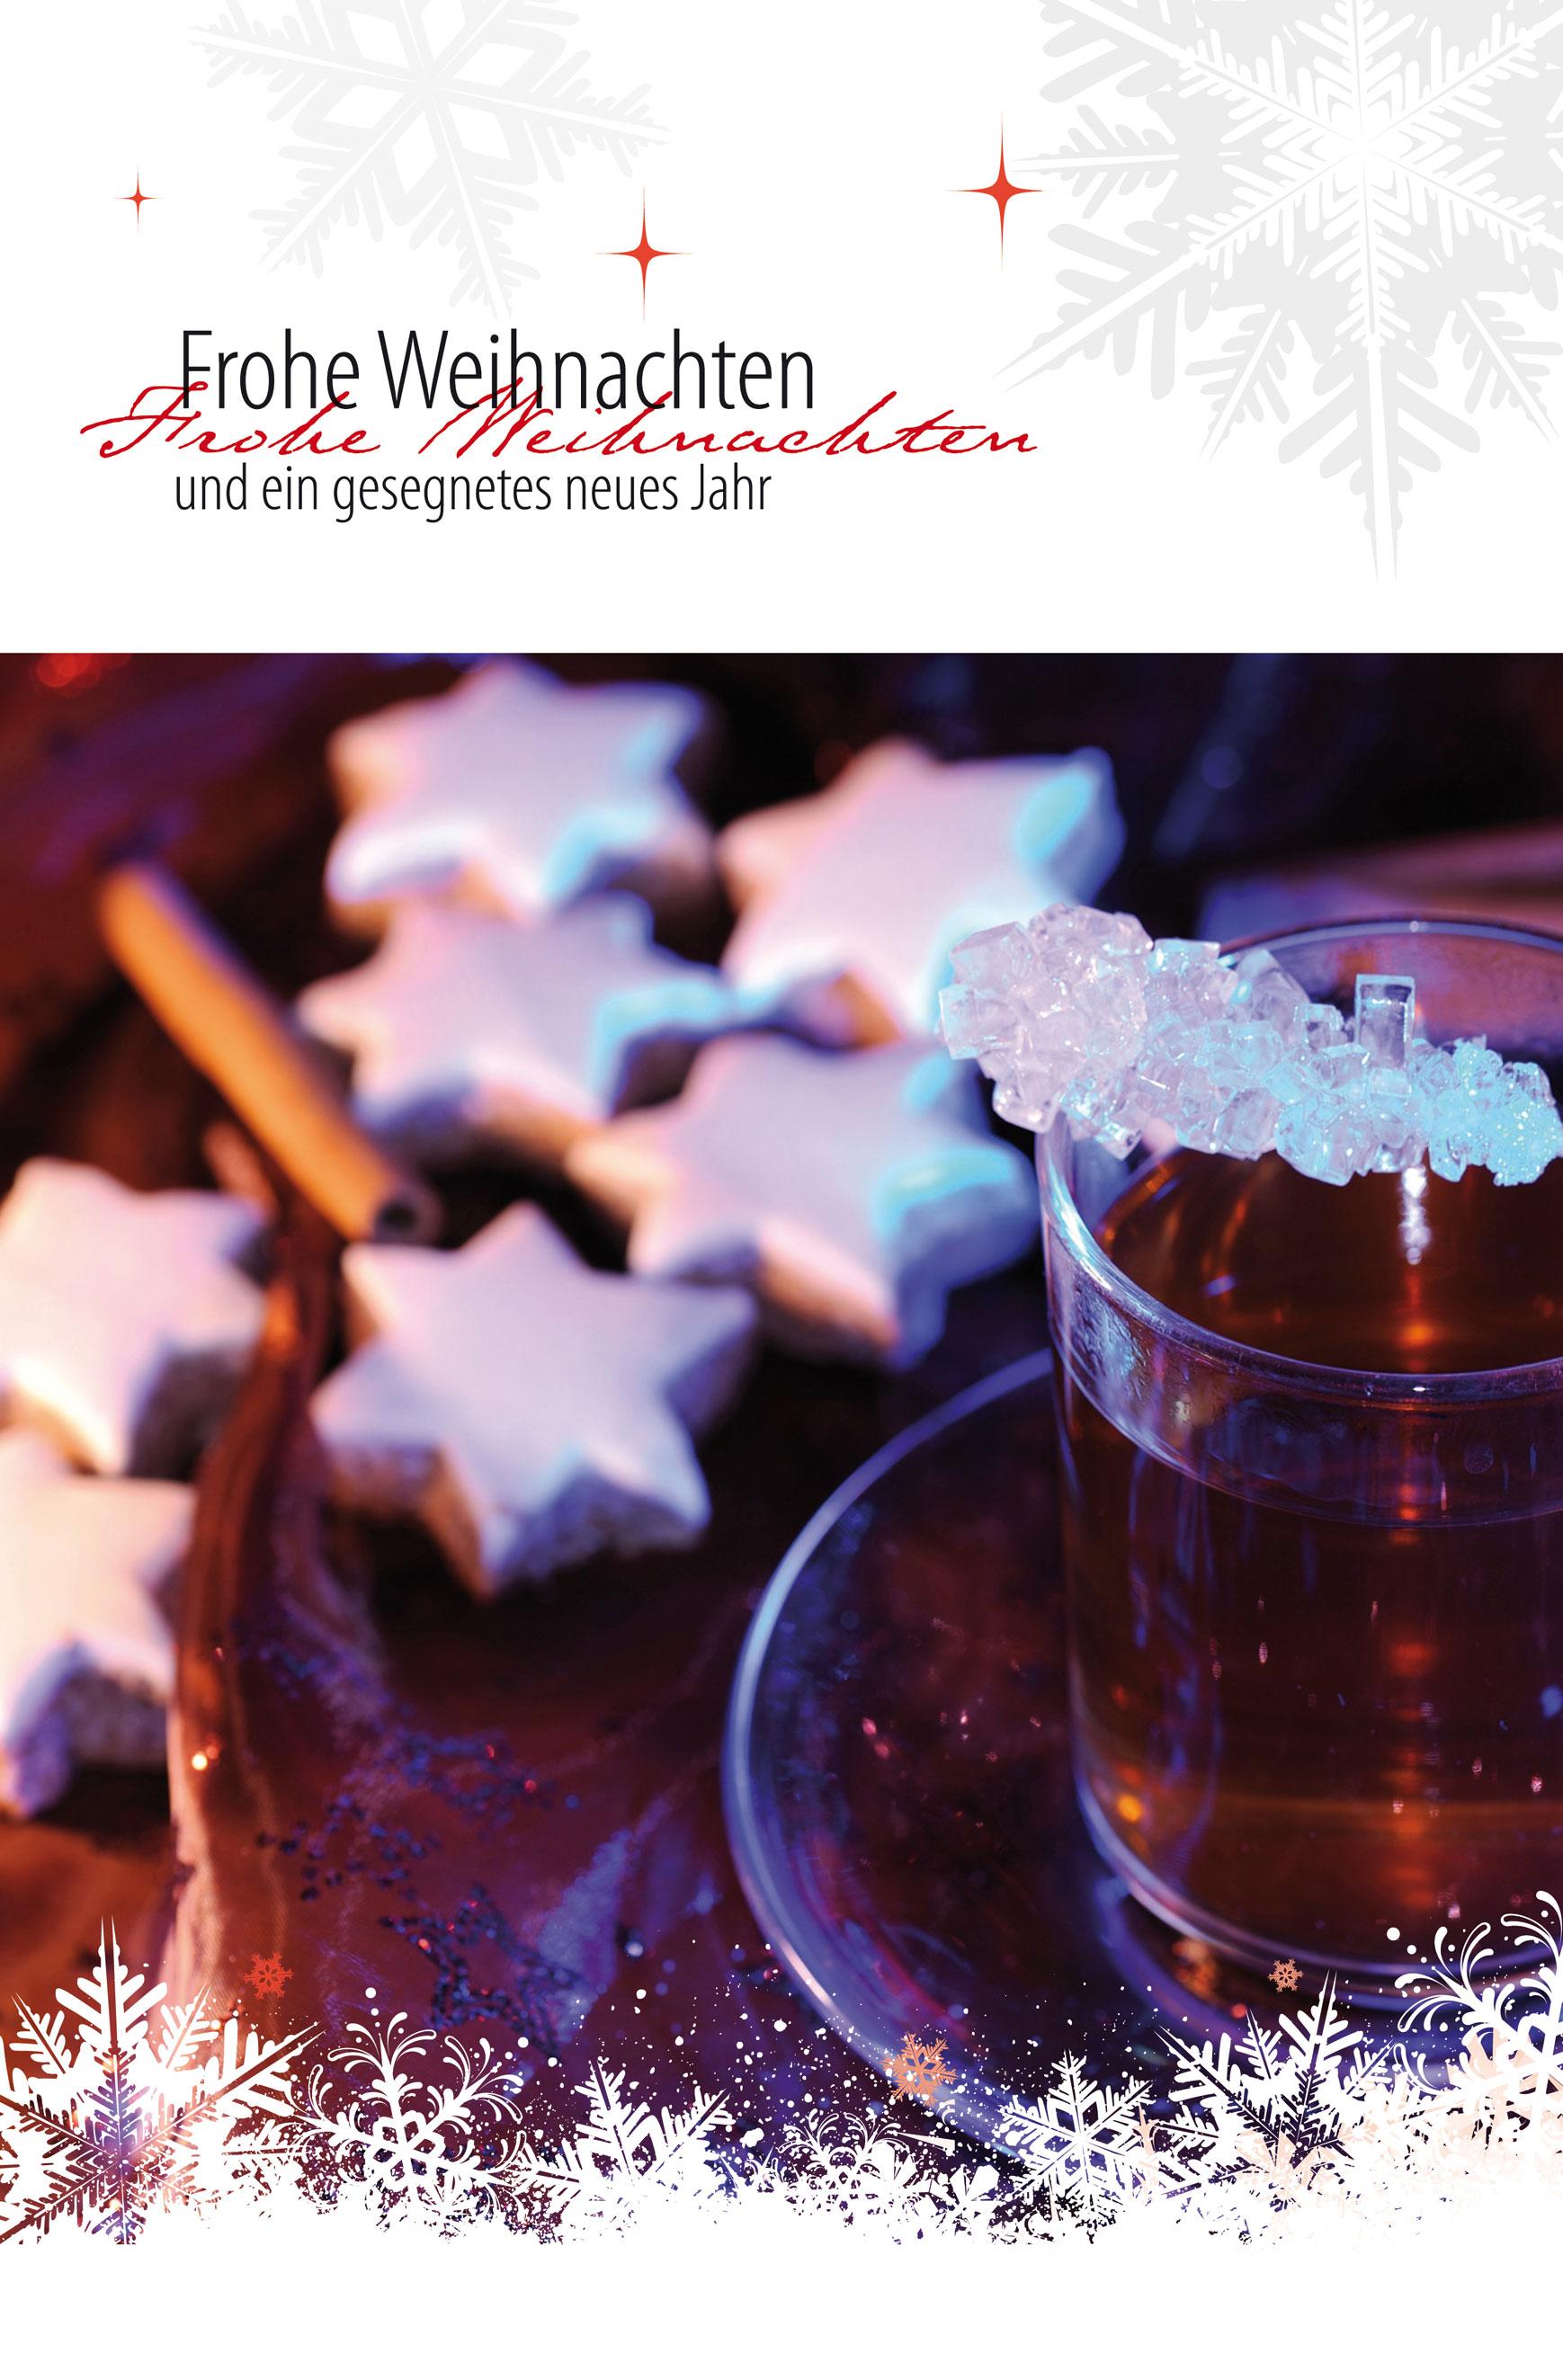 Faltkarte Frohe Weihnachten – Gesegnetes neues Jahr – 4youmedia